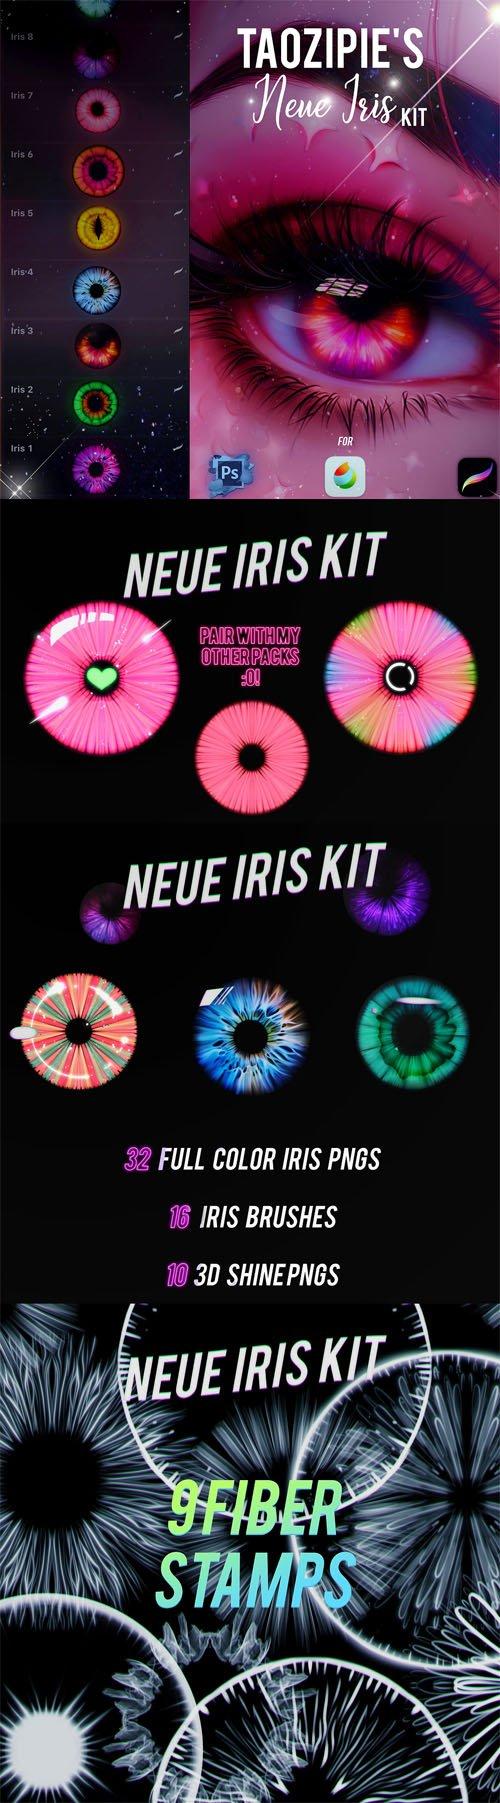 Iris Kit - Brushes Pack for Photoshop/Procreate/Medibang